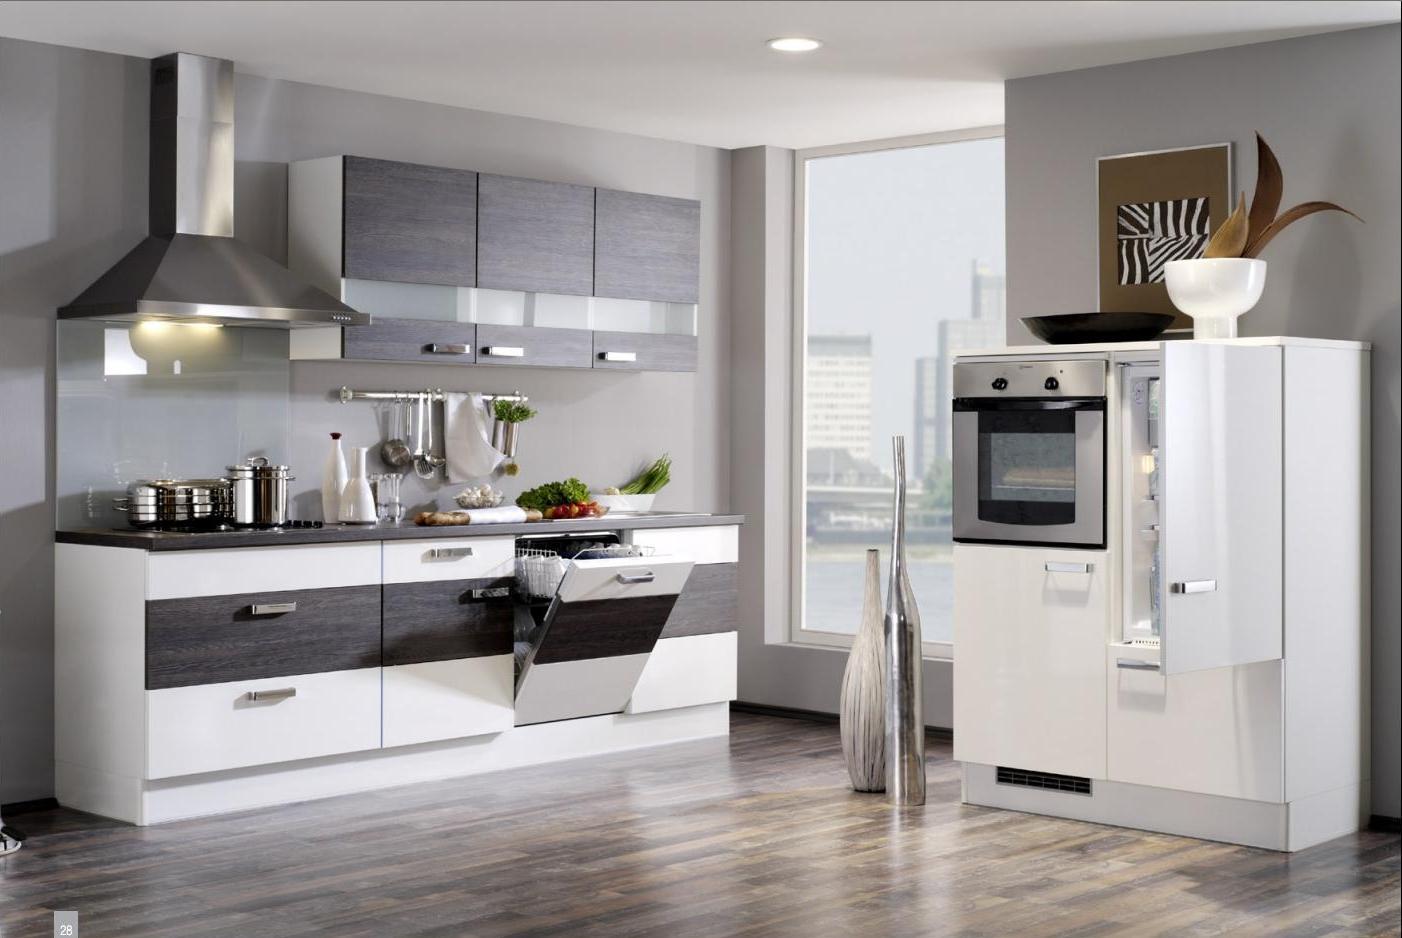 Венге и белый цвета в интерьере кухни в стиле минимализм